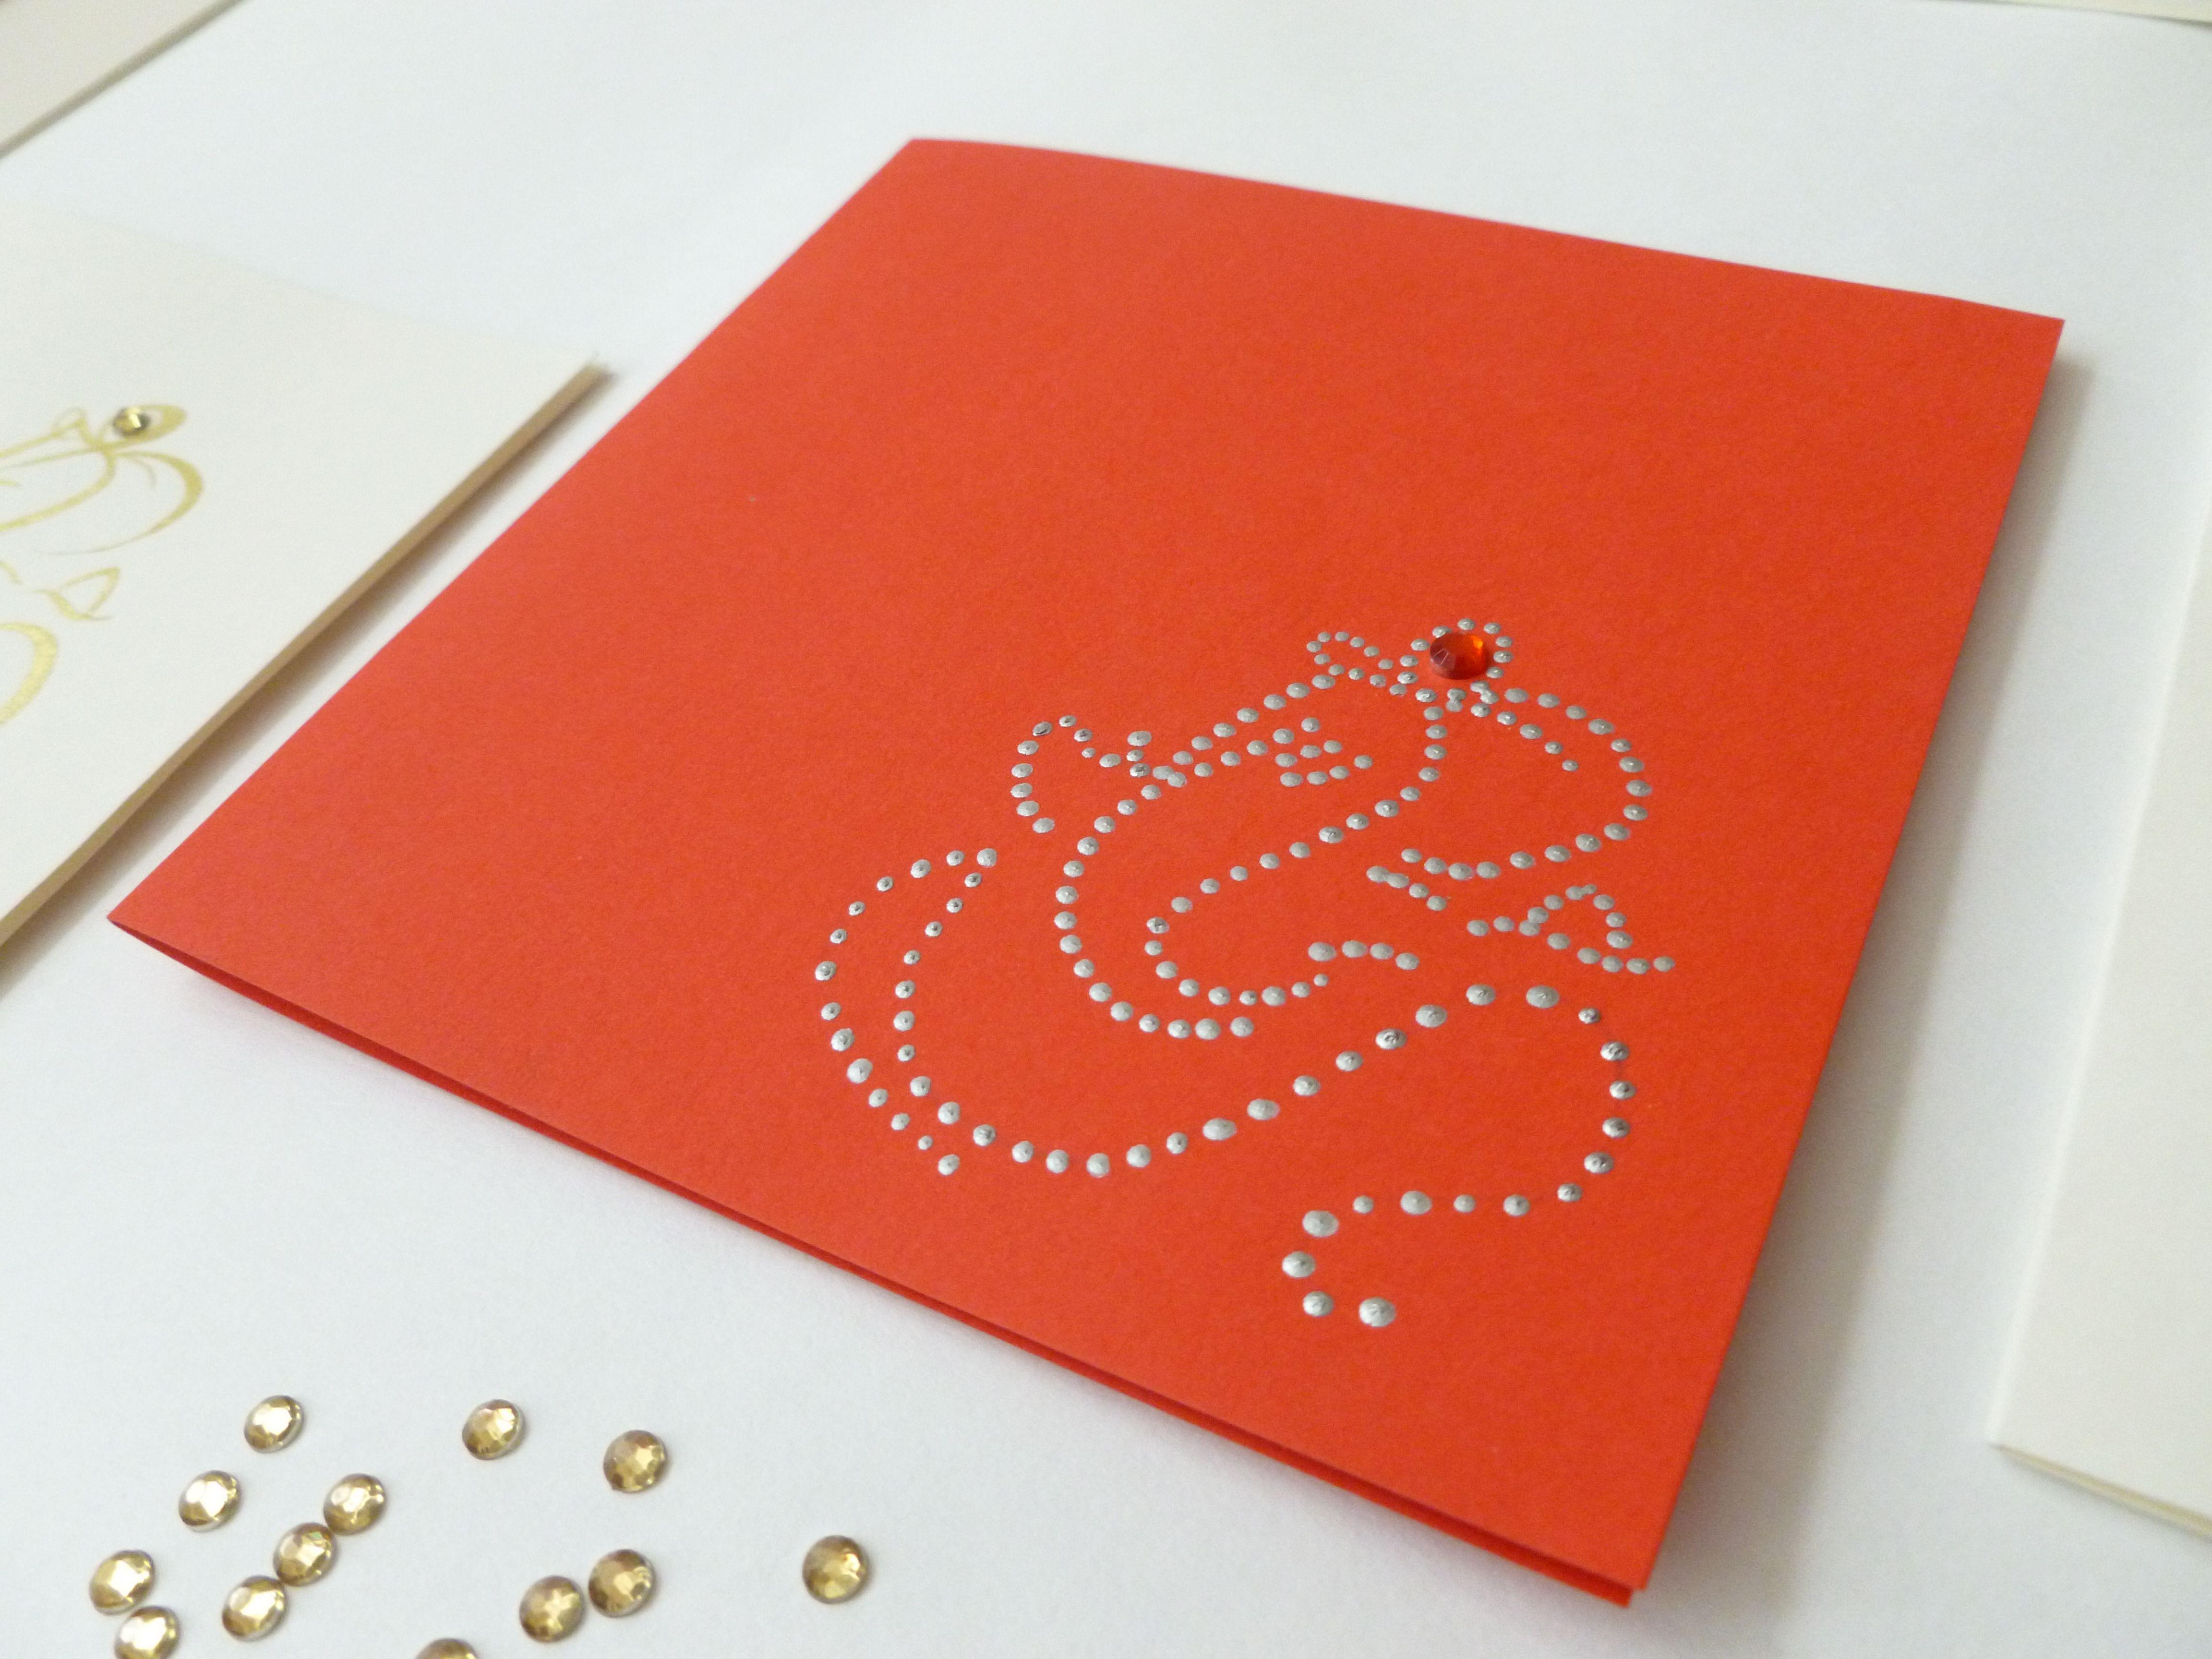 Handpainted modern ganesh invitation cards | GANESHA THE LOVING LORD ...